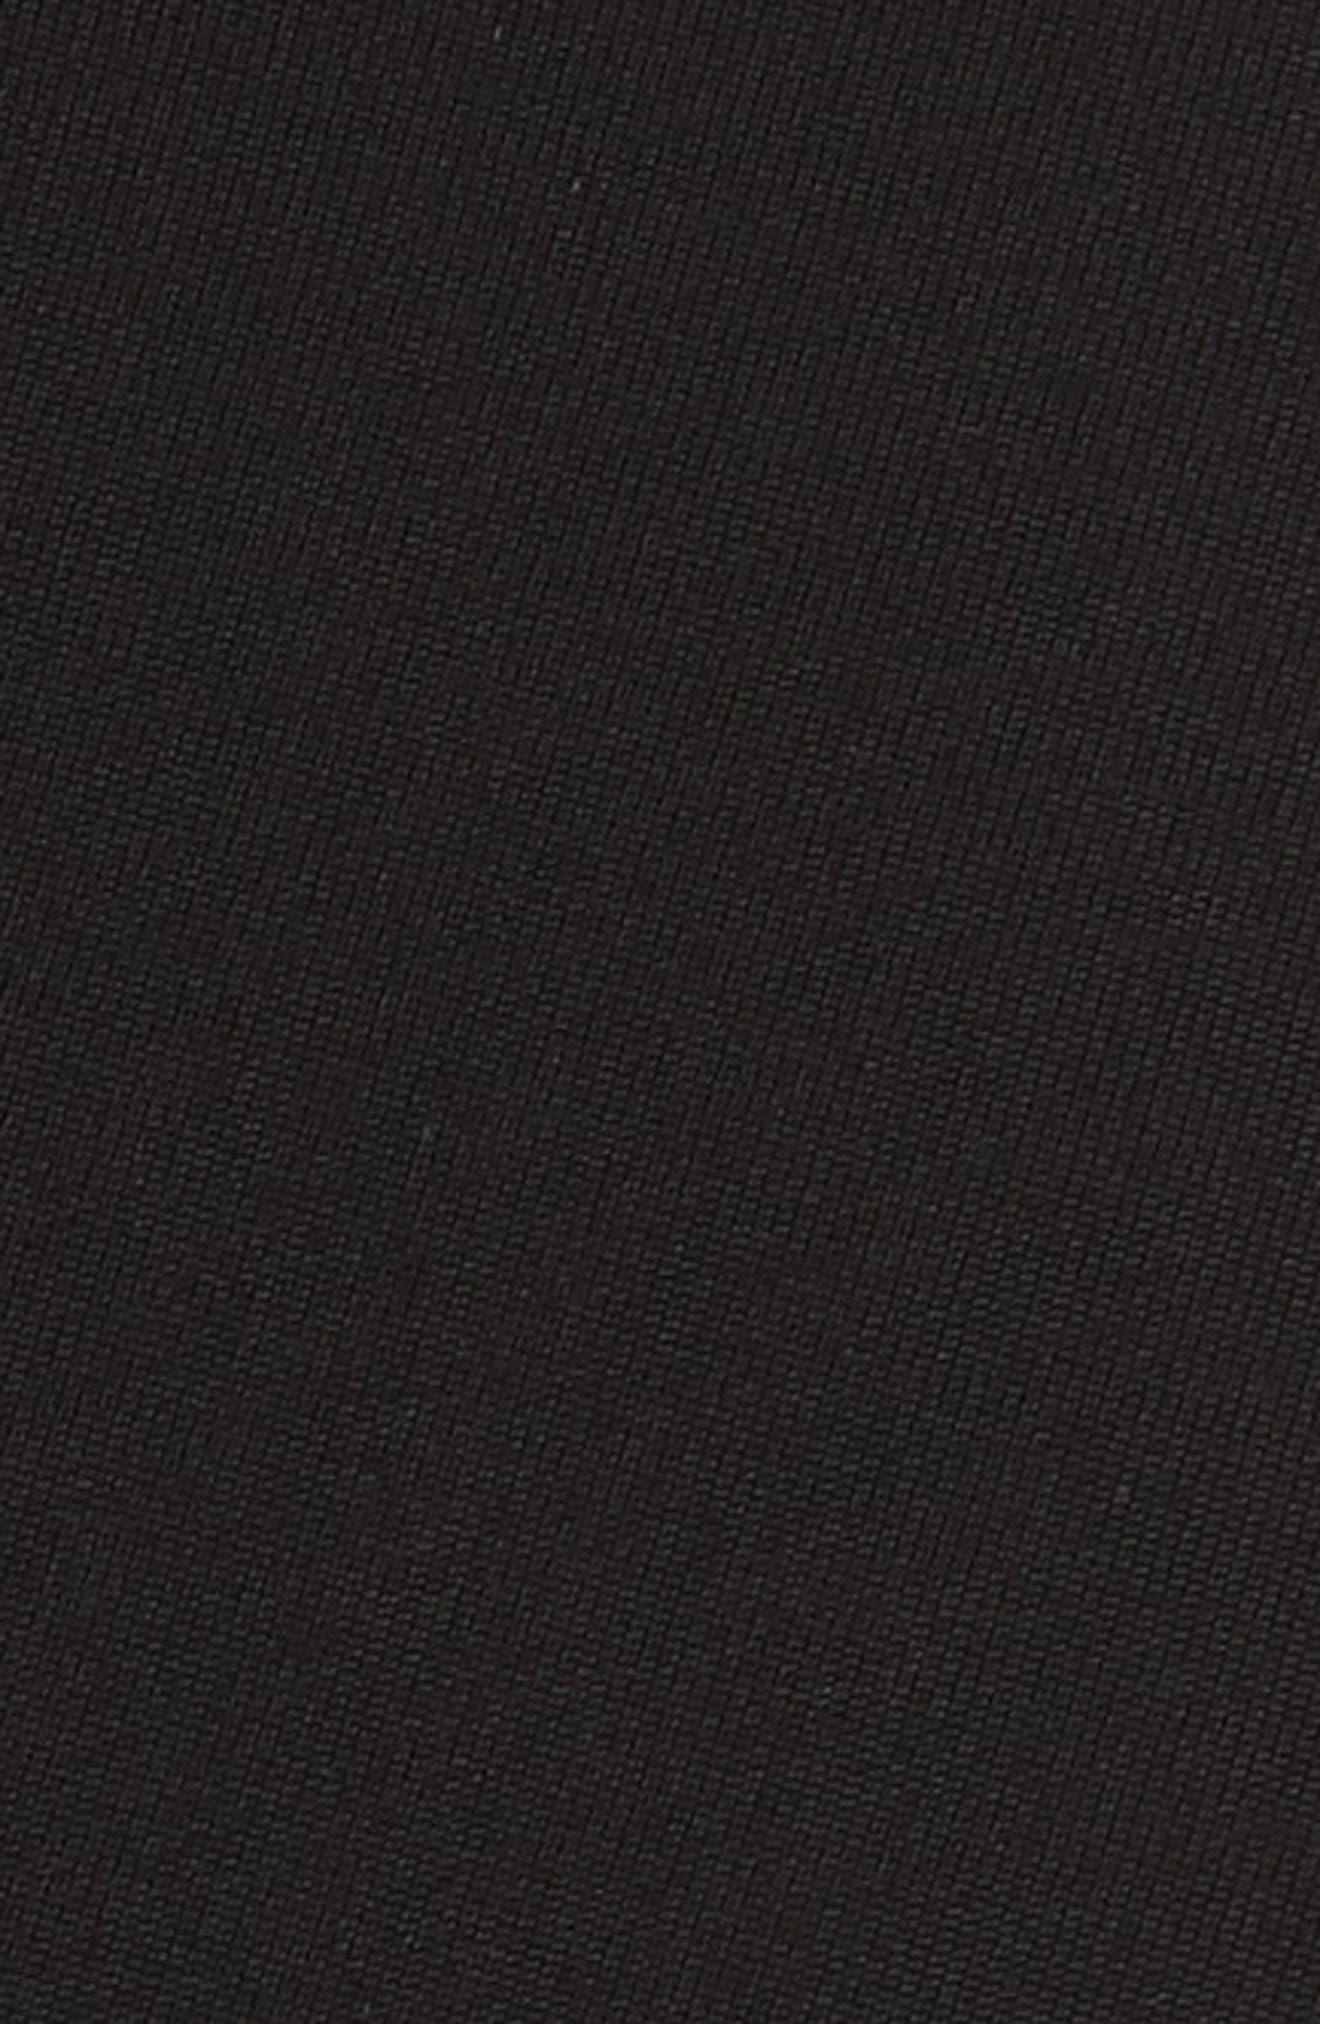 Bending Skirt Wool Dress,                             Alternate thumbnail 6, color,                             Black